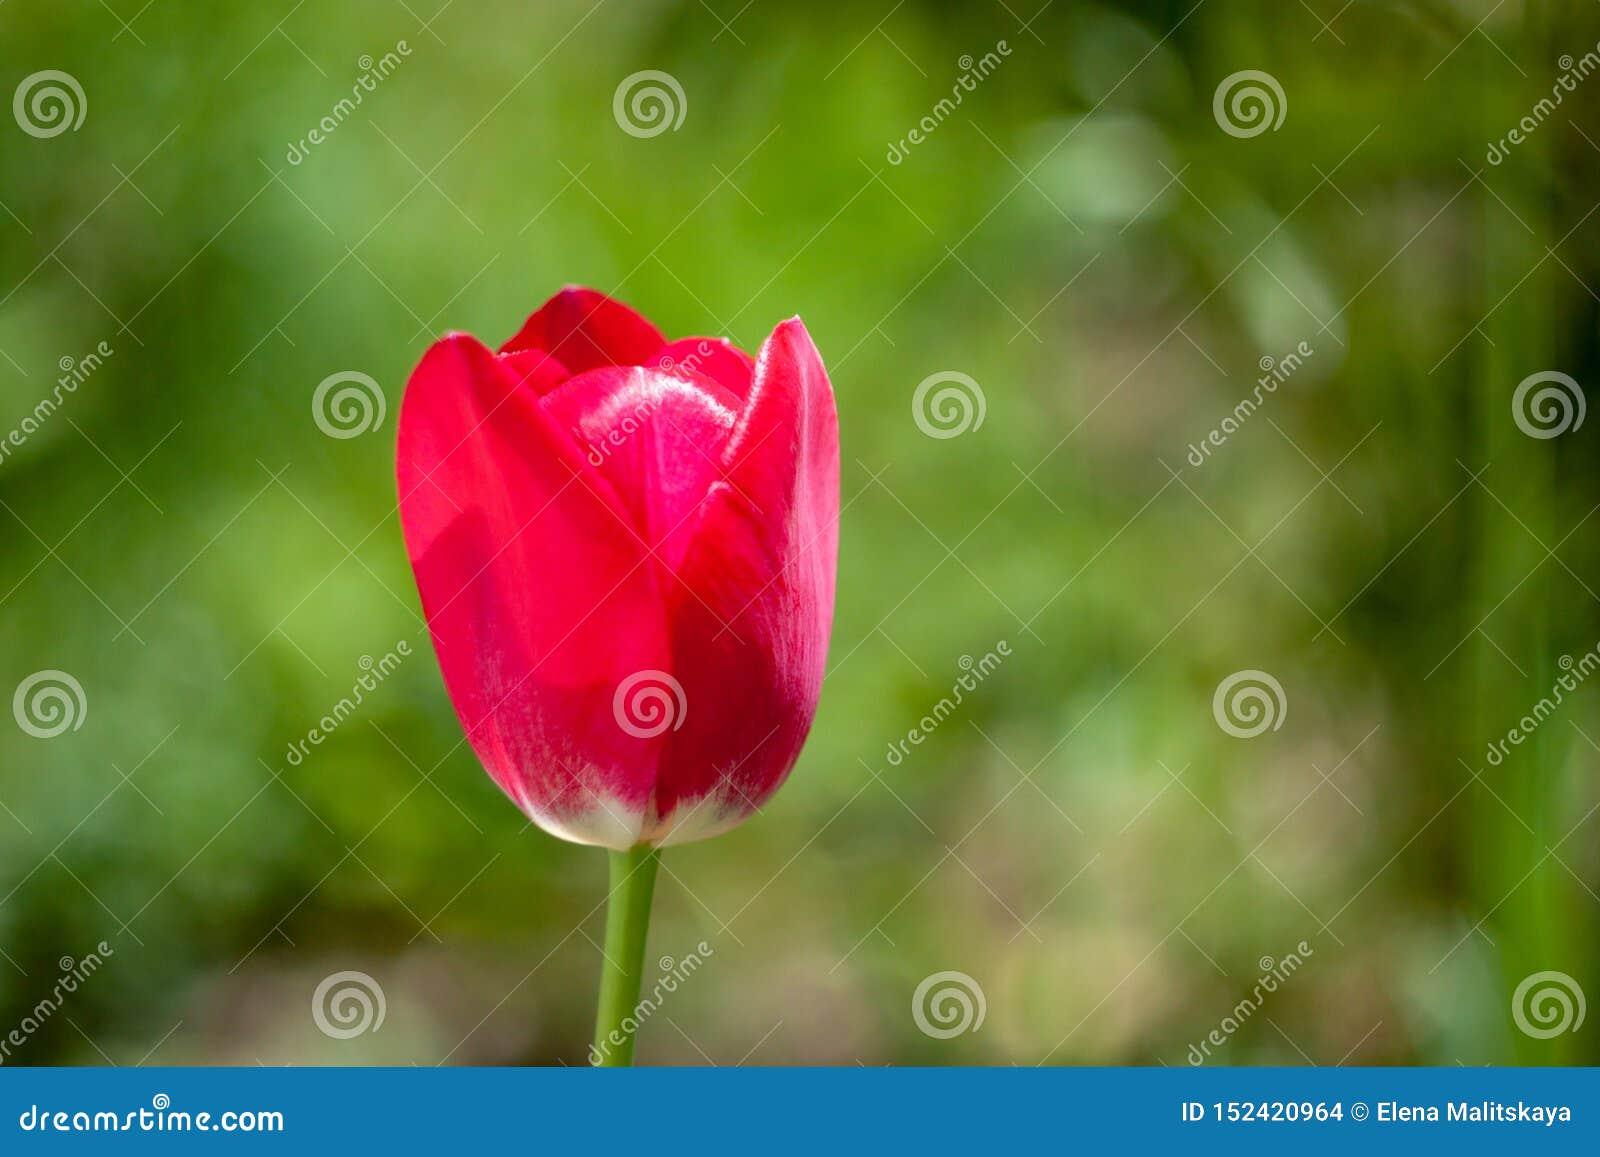 Mooie rode tulpenbloem op vage groene achtergrond